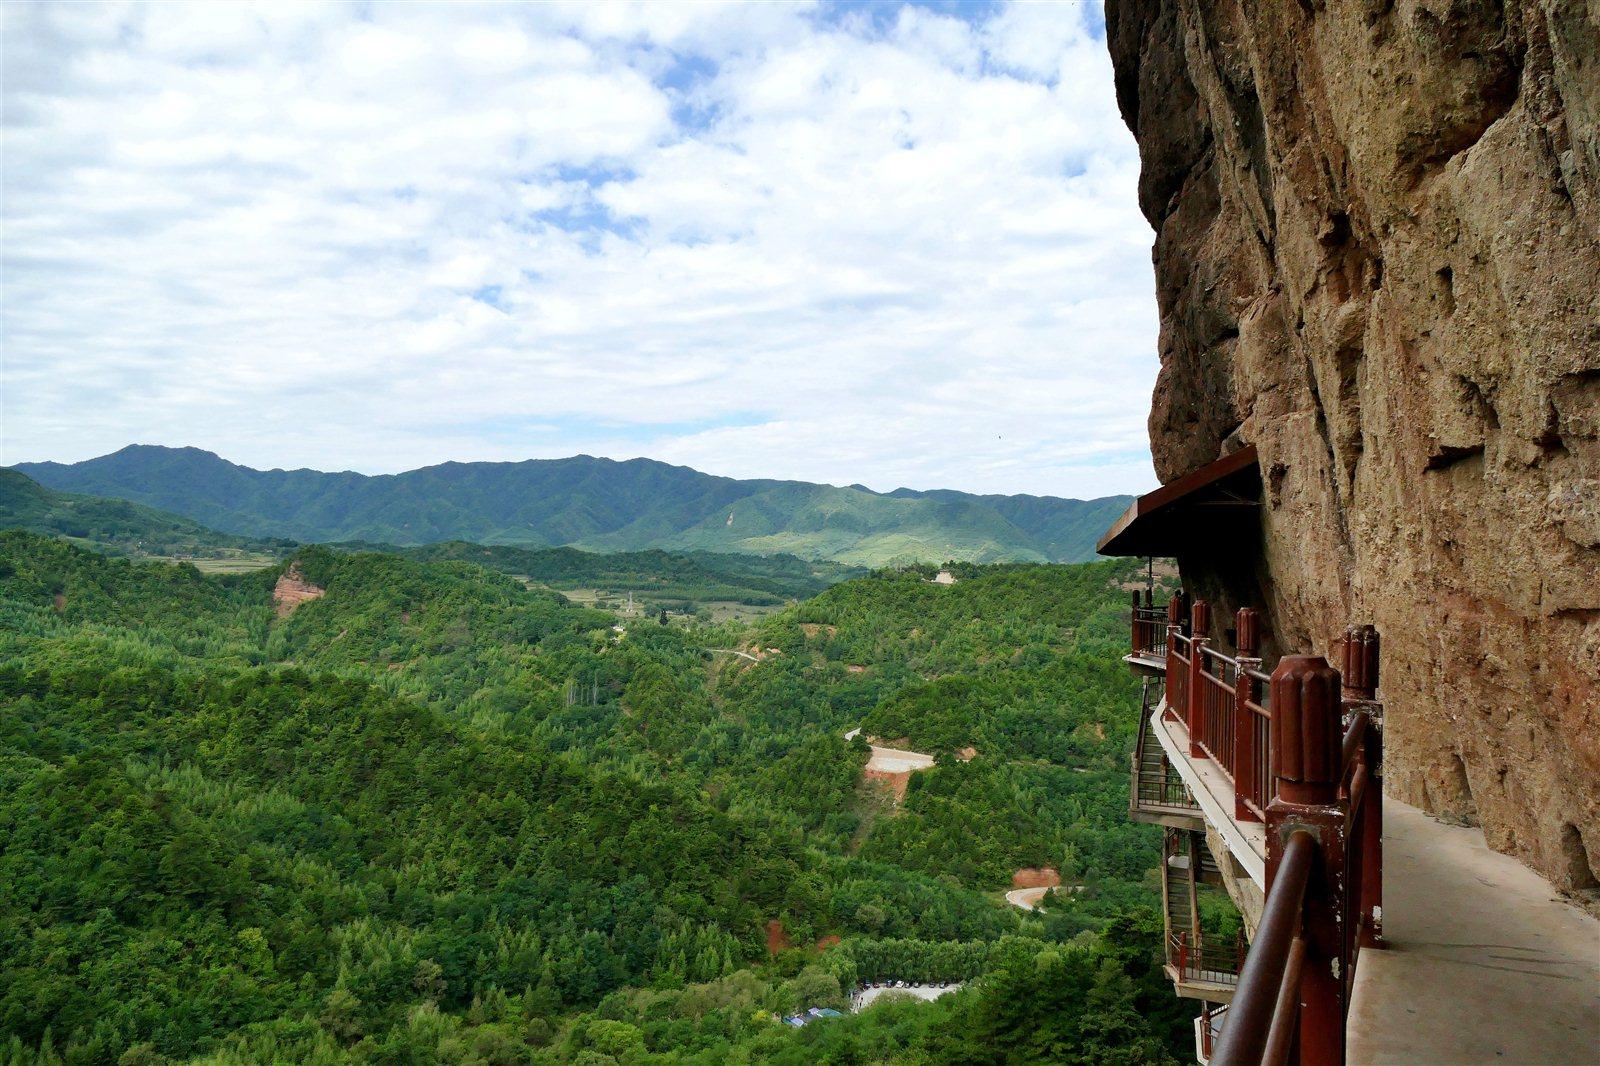 旅游景点 > 麦积山景区     1982年,麦积山以甘肃麦积山风景名胜区的